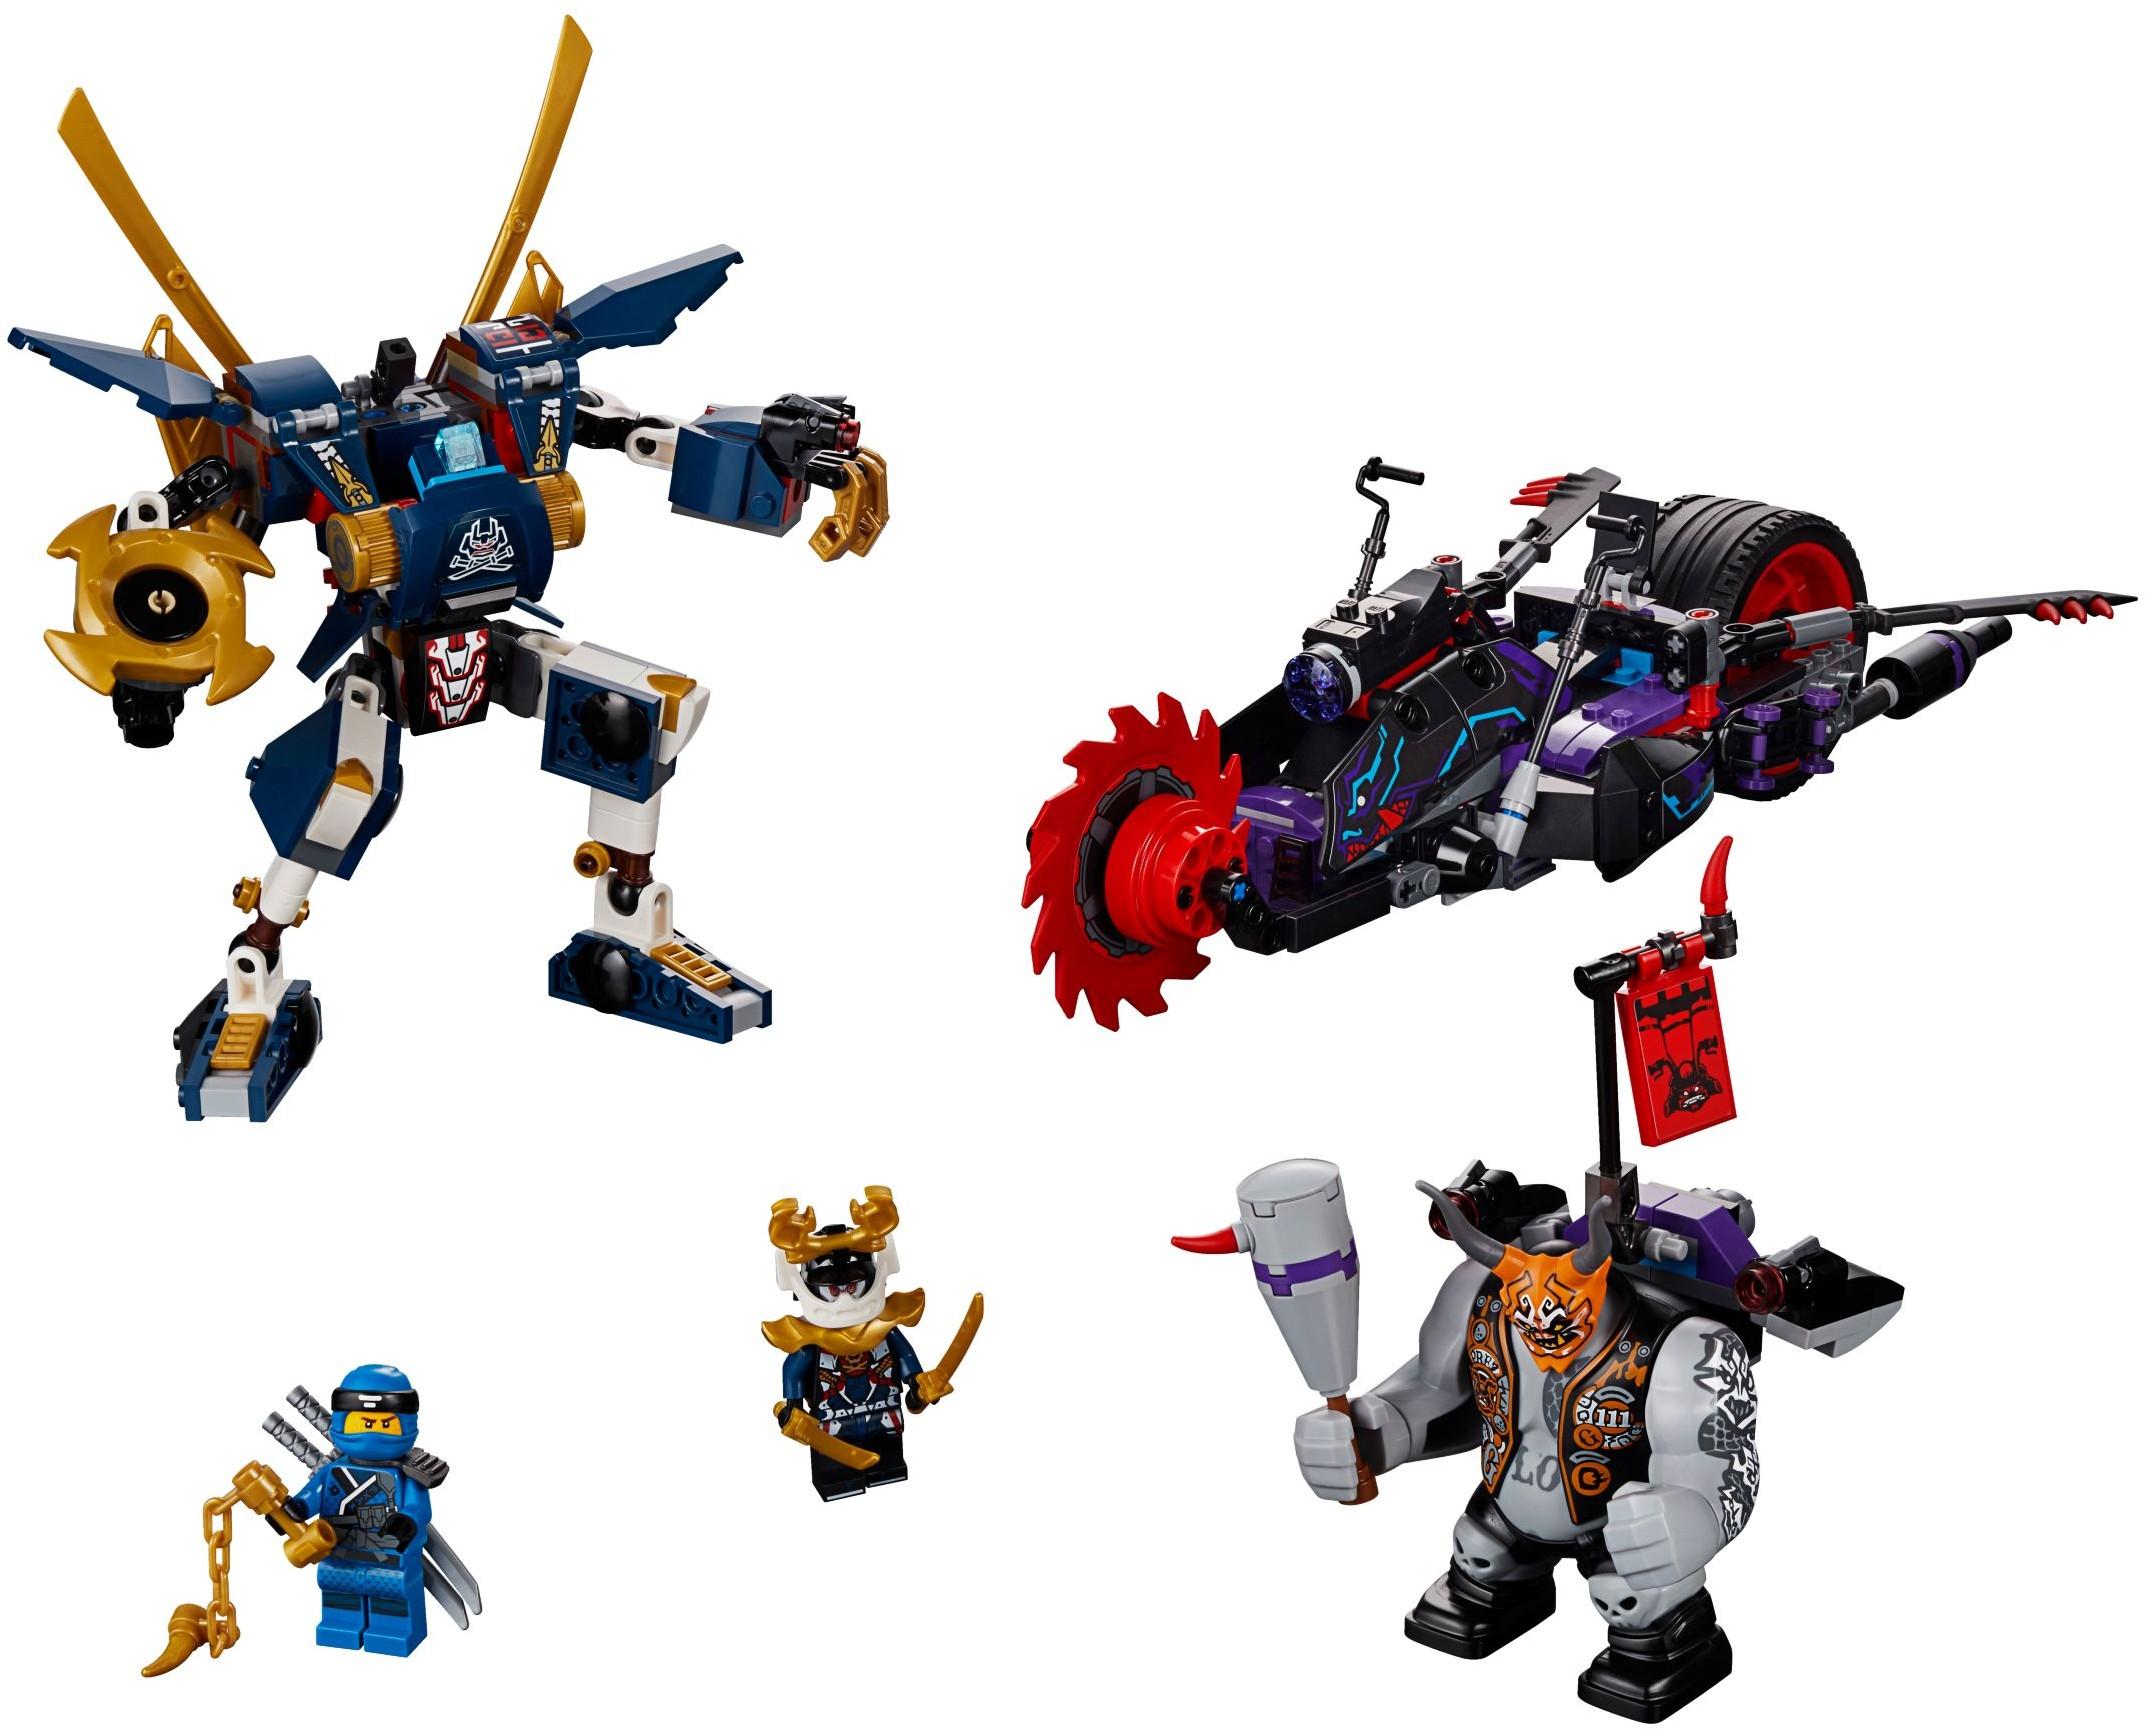 Ninjago 2018 Brickset Lego Set Guide And Database